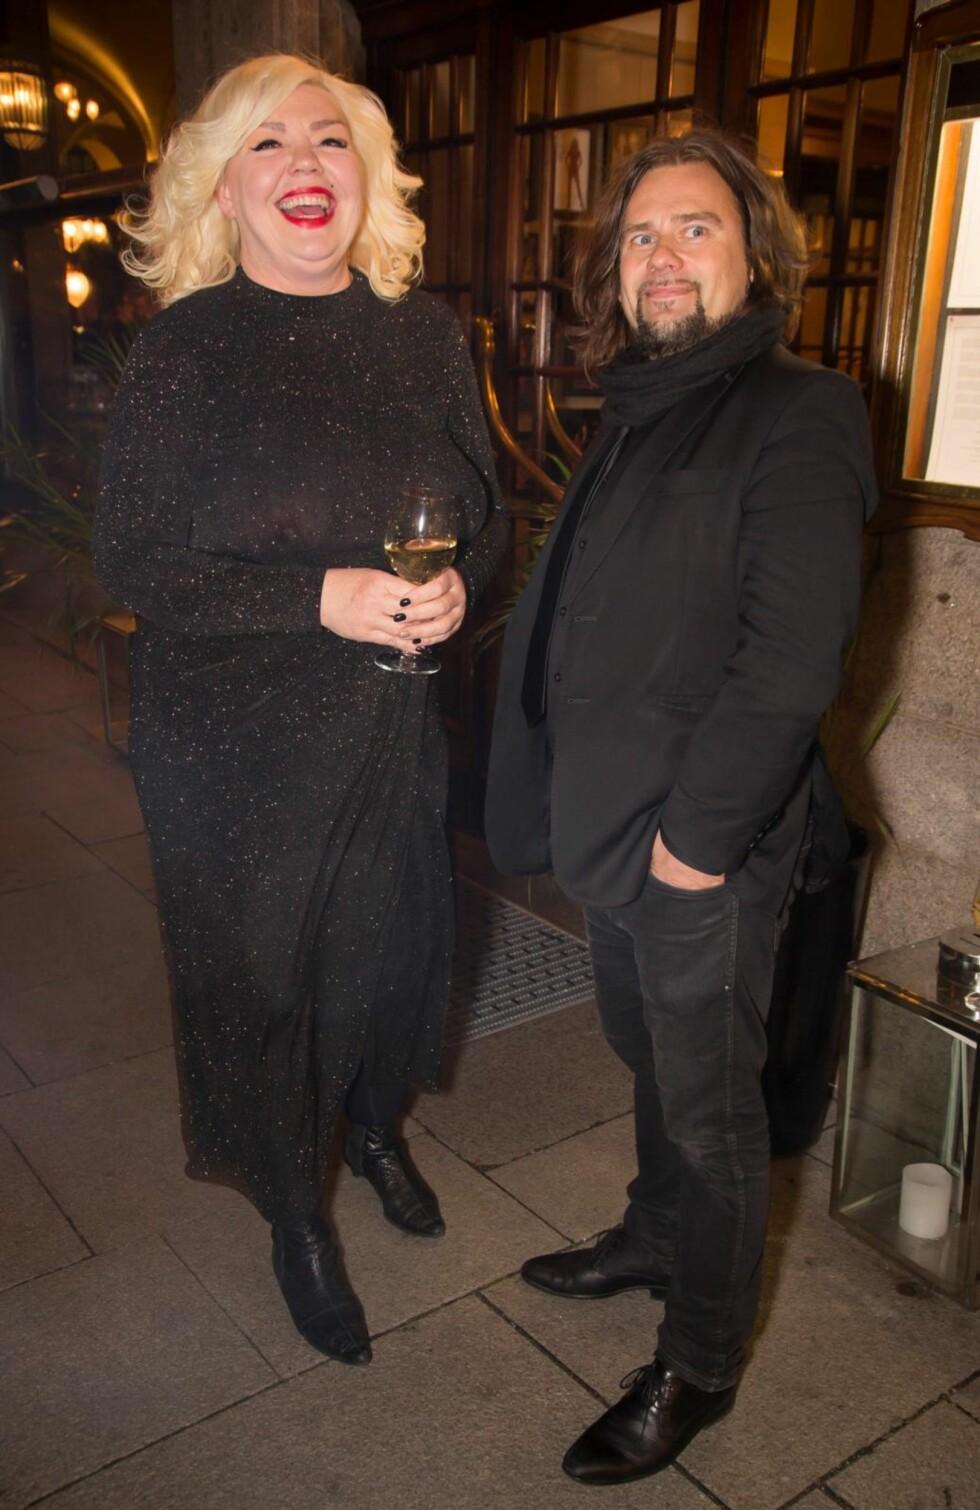 KUNSTNERVENNER: Unni Askeland og Per Heimly var på plass da portrettet til kameraten Ari Behn ble avduket.  Foto: Tore Skaar